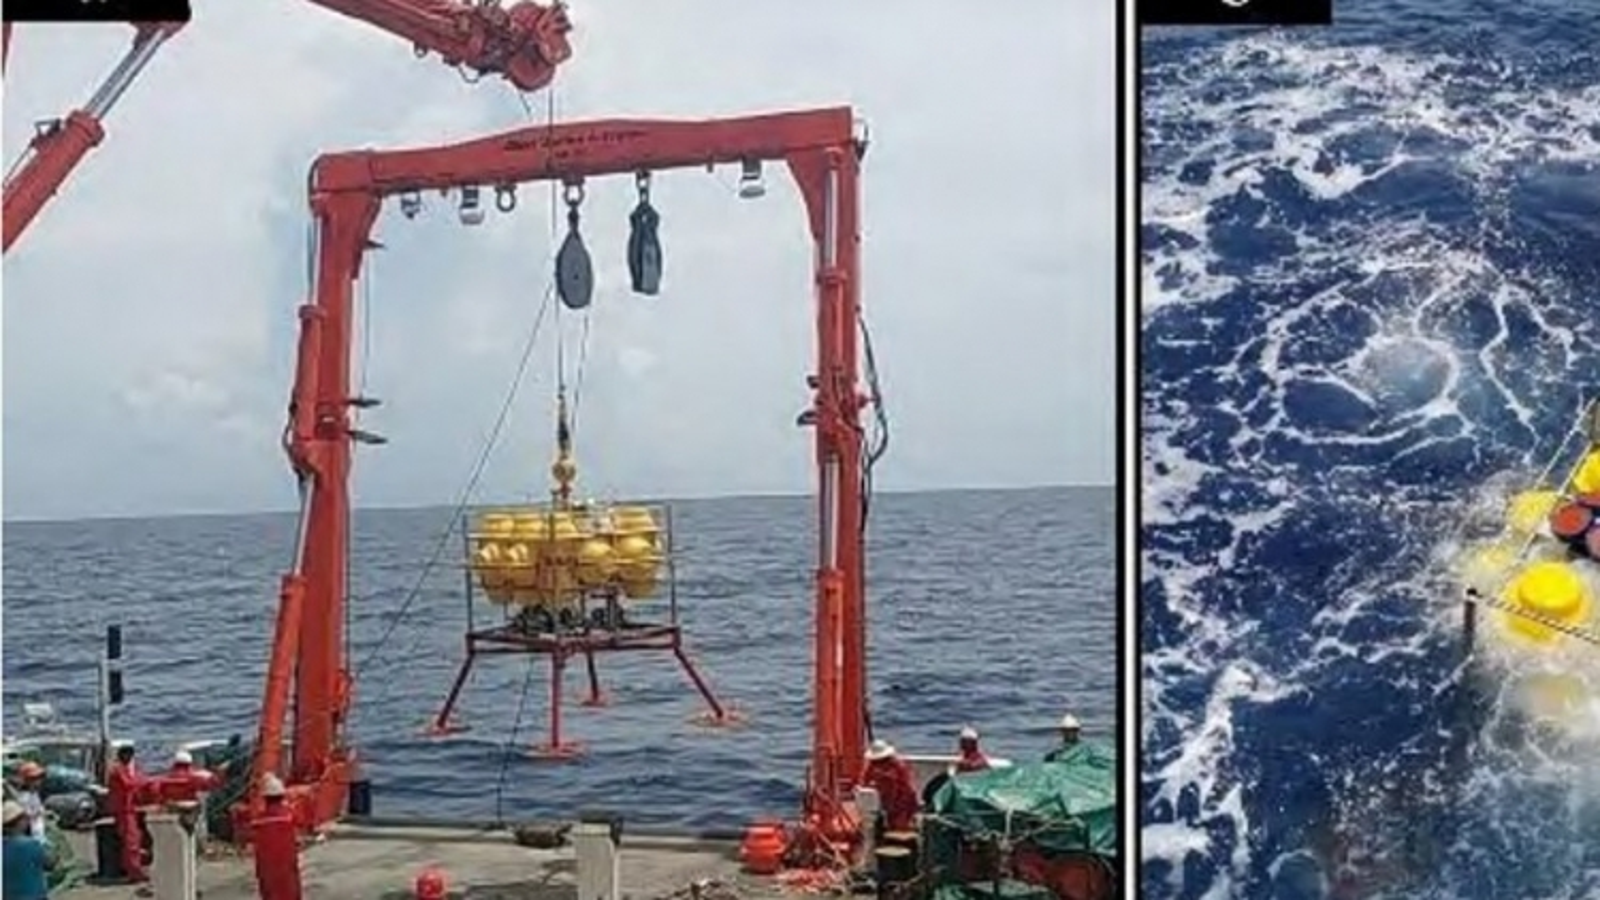 Trung Quốc thử nghiệm thiết bị phát hiện sóng nội gây nguy hiểm cho tàu ngầm ở Biển Đông